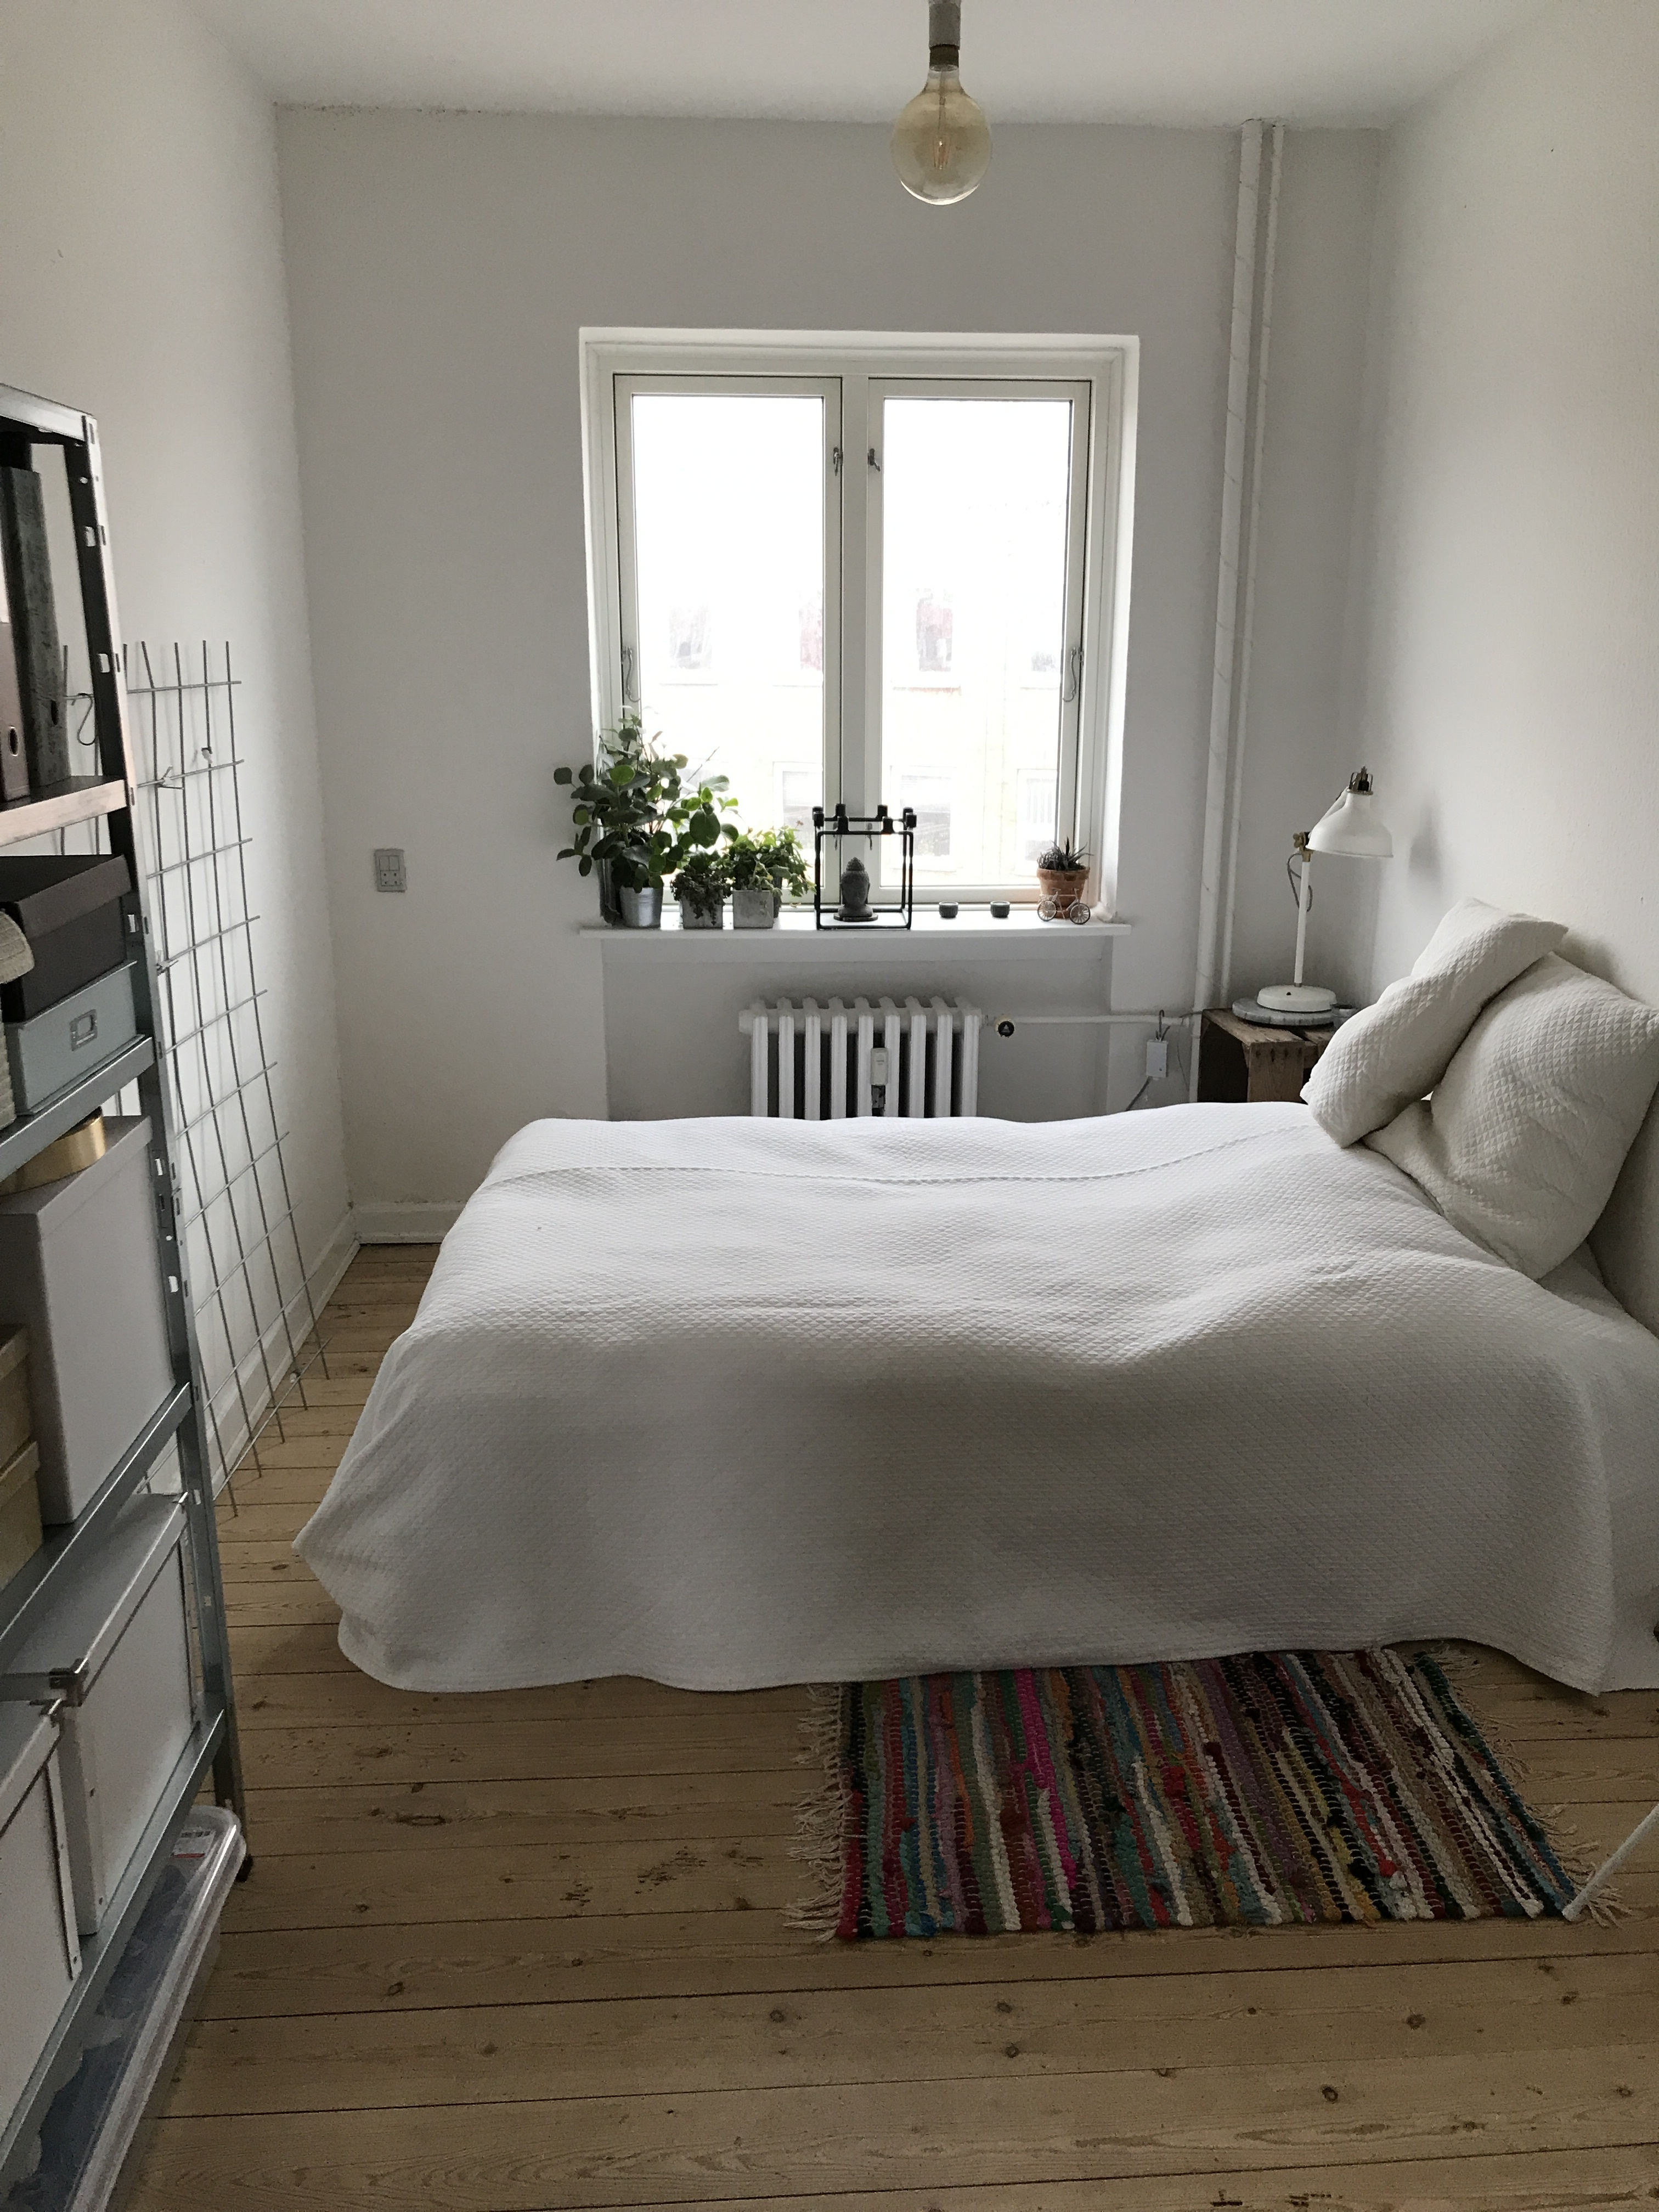 Billig fast husleje - værelse 10kvm - Odense